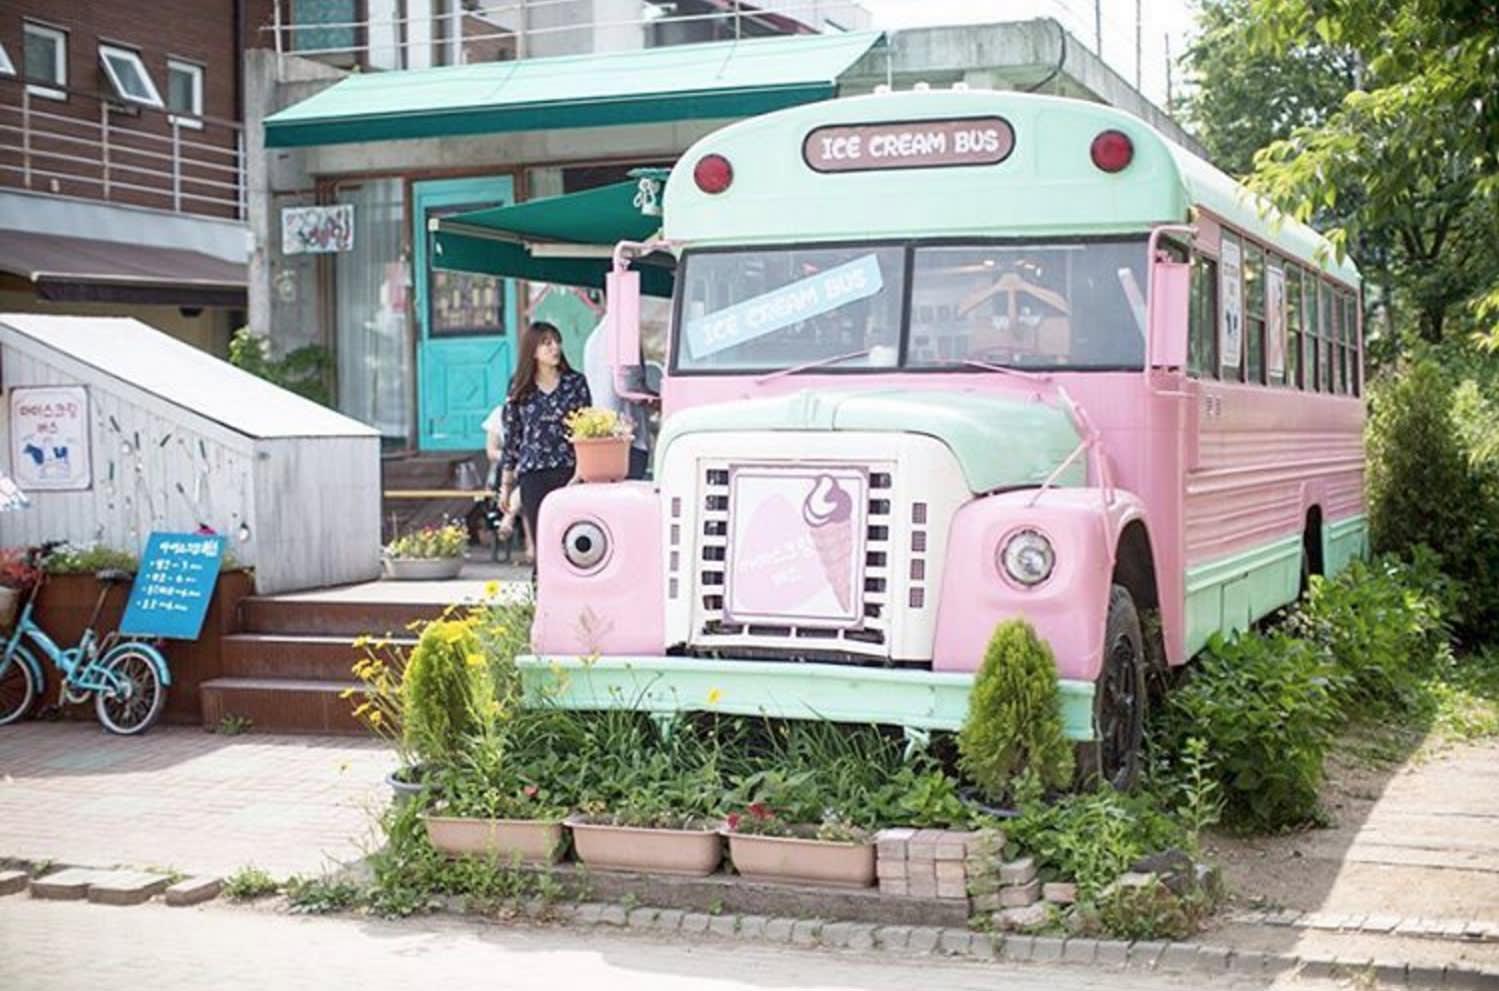 螢幕快照 2016-07-12 下午3.39.32拷貝 引 用 instagram 上 yimjoongbin 的 圖 片